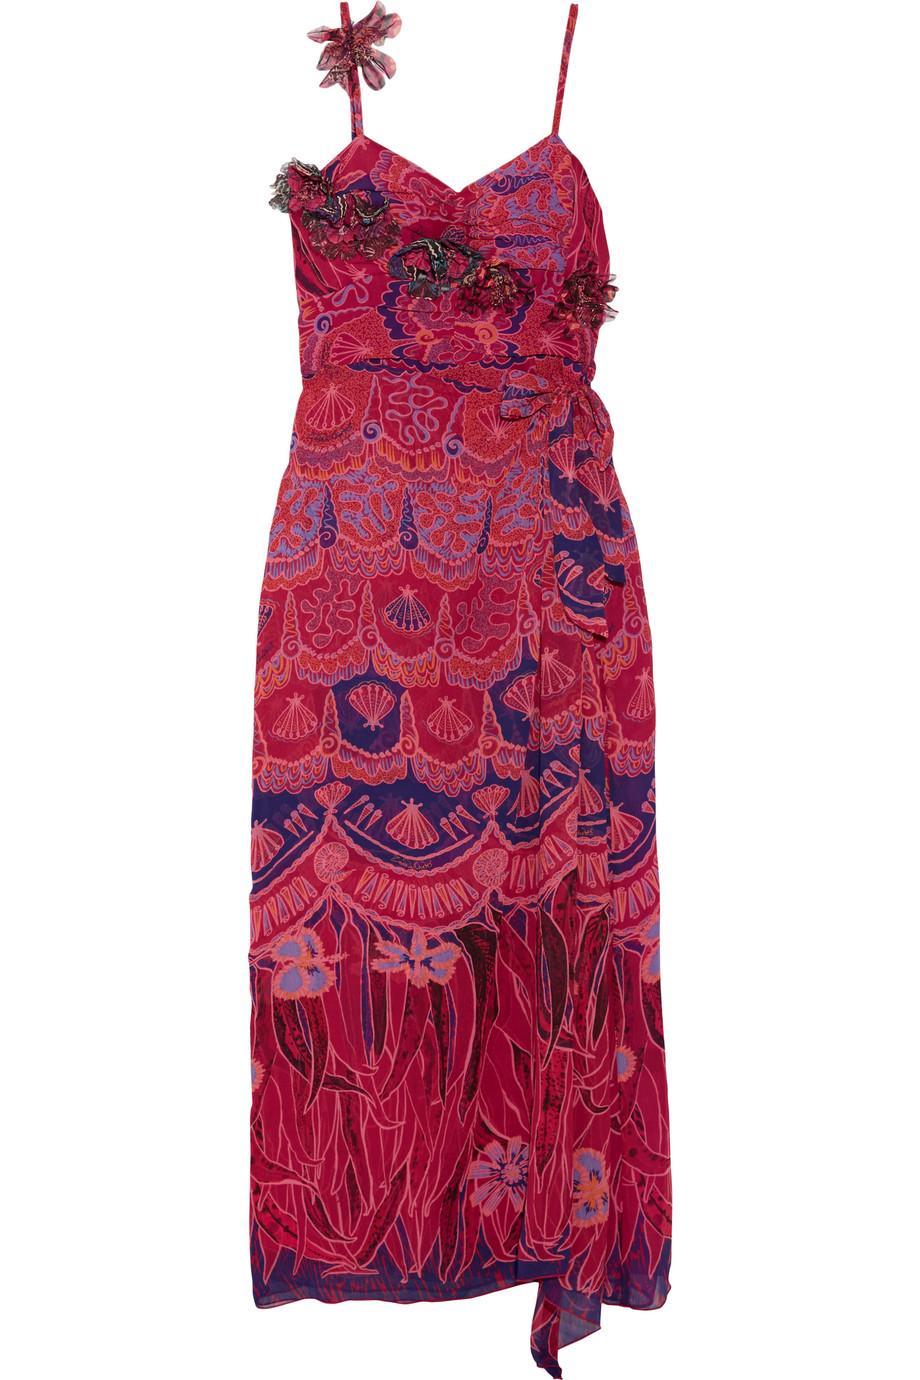 Anna Sui Zandra Printed Crinkled Silk-Chiffon Maxi Dress, Pink, Women's - Printed, Size: 8